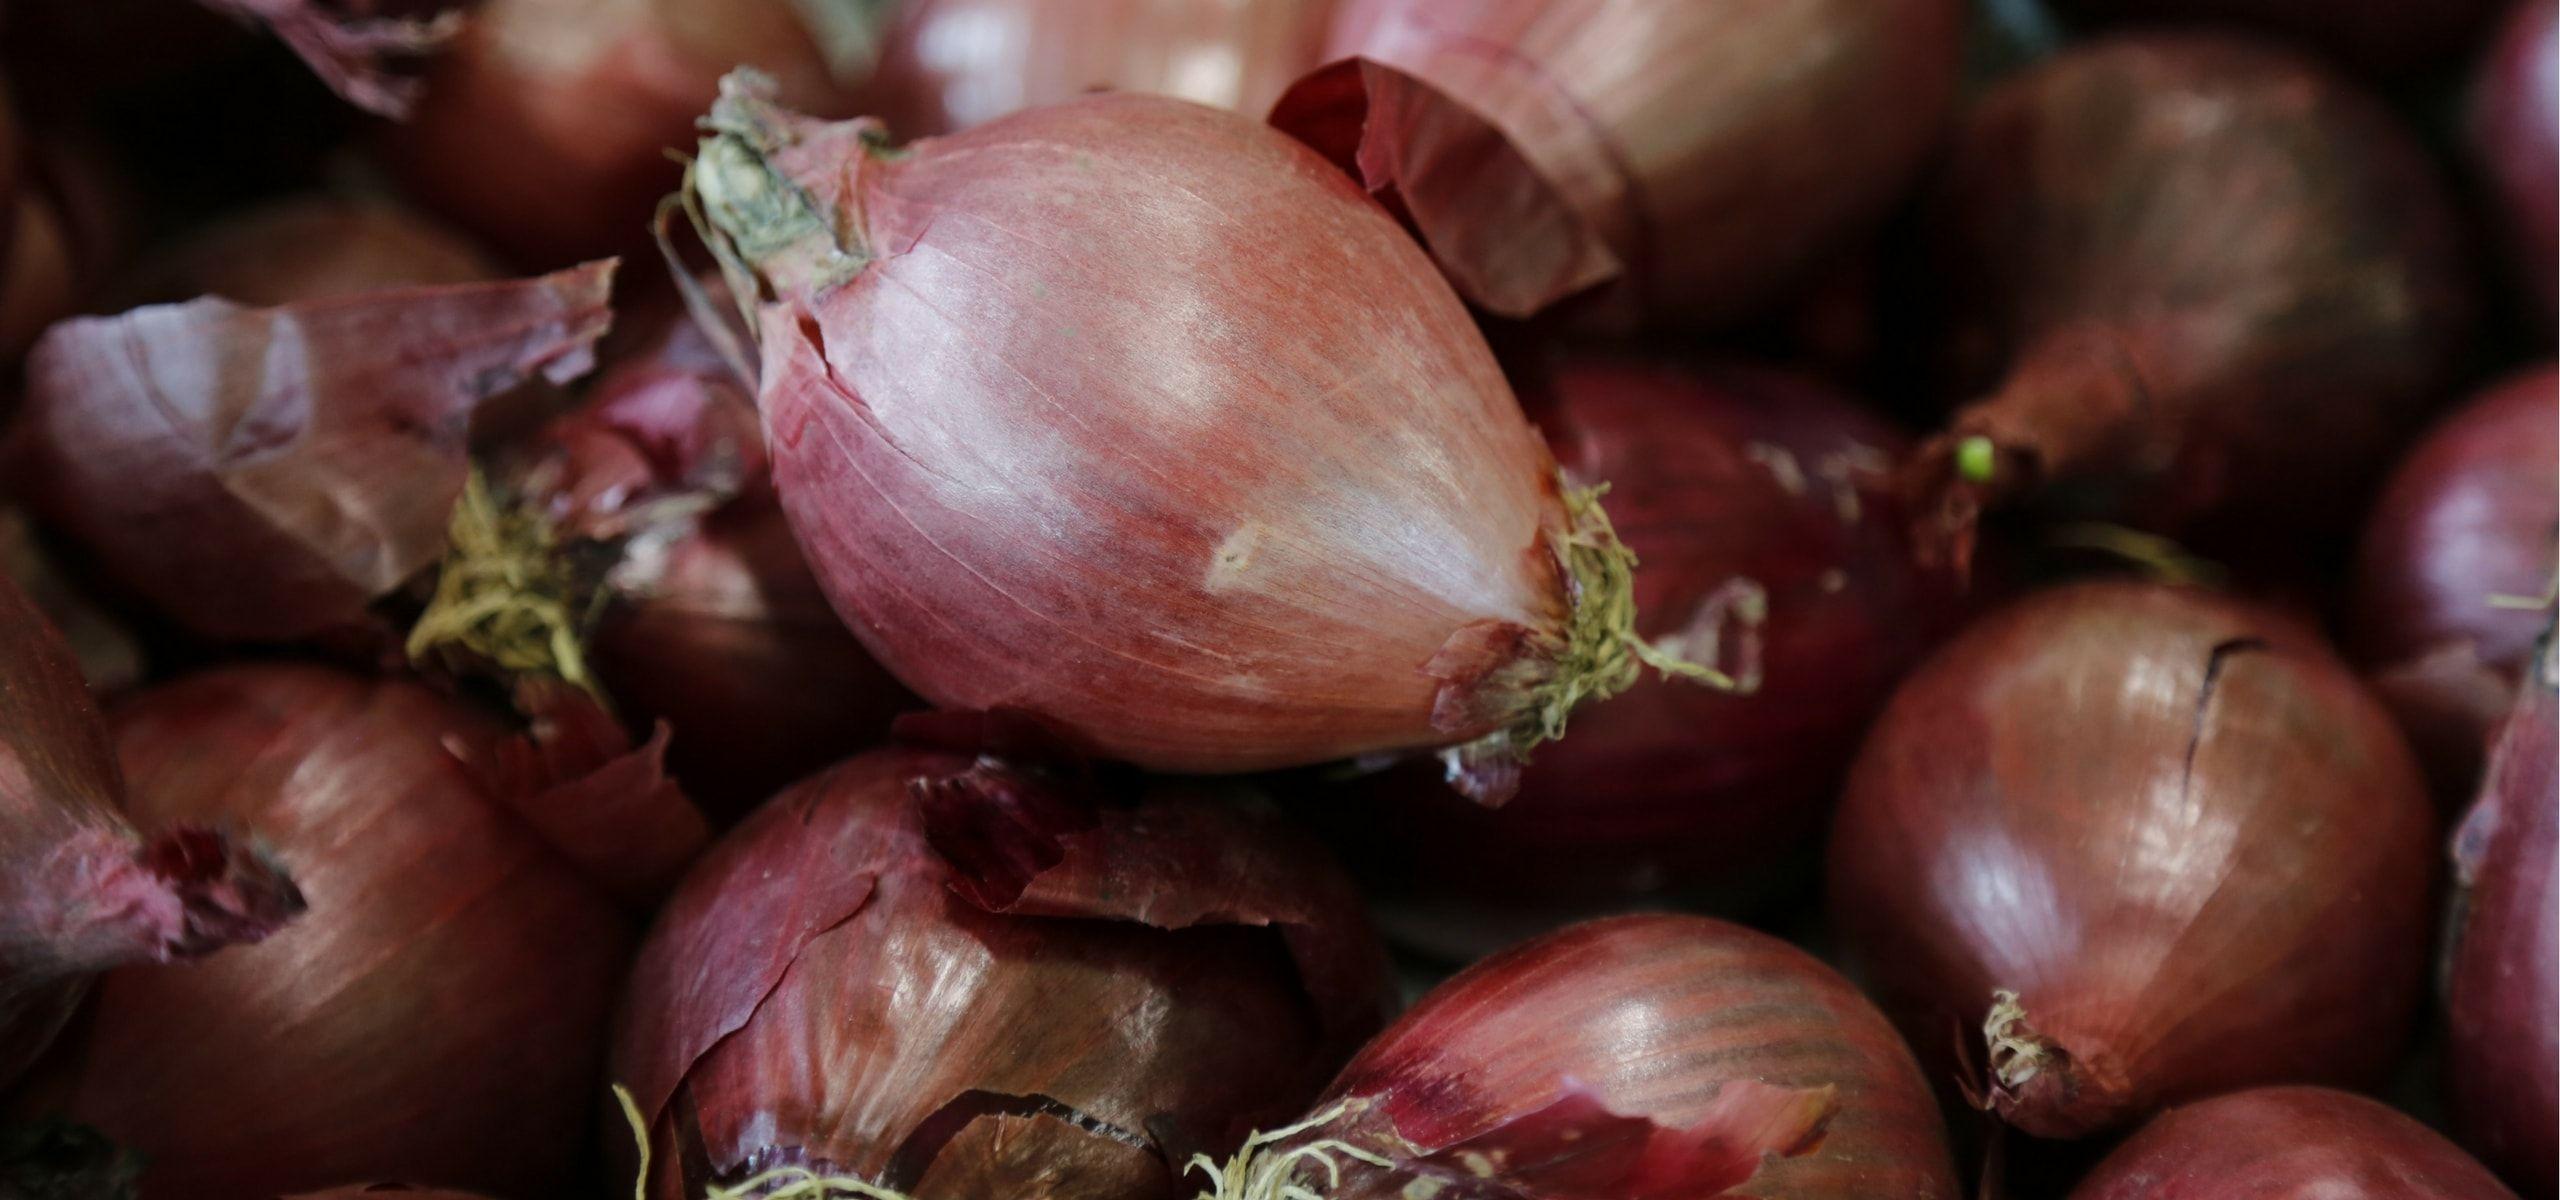 Comment Planter De L Échalote planter l'ail, l'échalote et l'oignon | jardin | planter ail